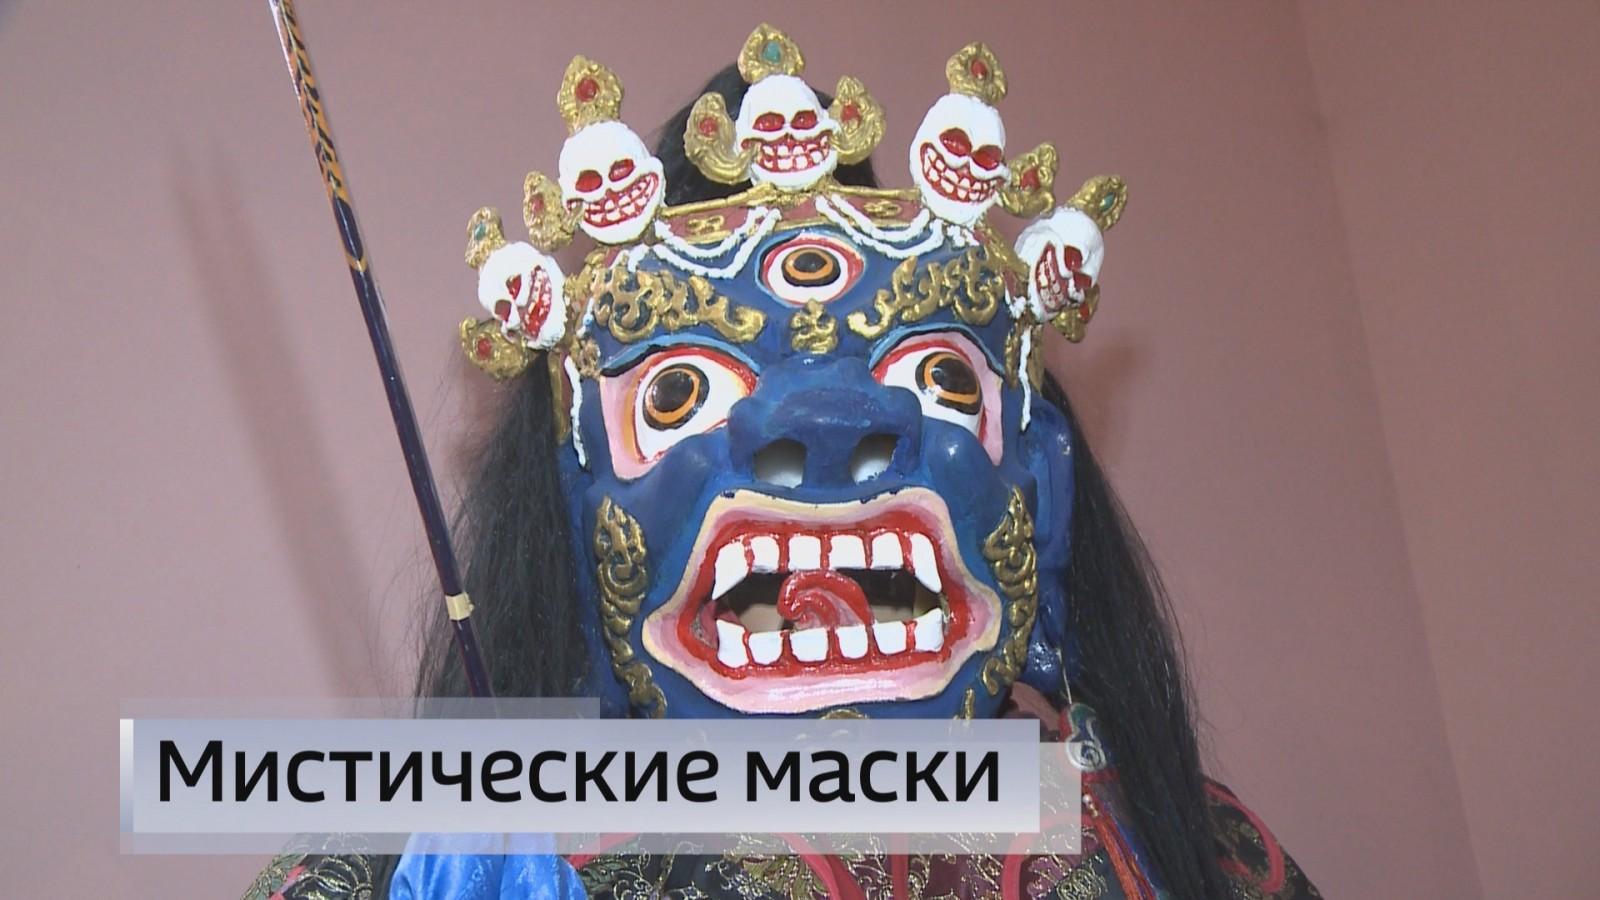 Национальный музей имени Пальмова получил редкий подарок от известного мастера по изготовлению масок для Мистерии ЦАМ